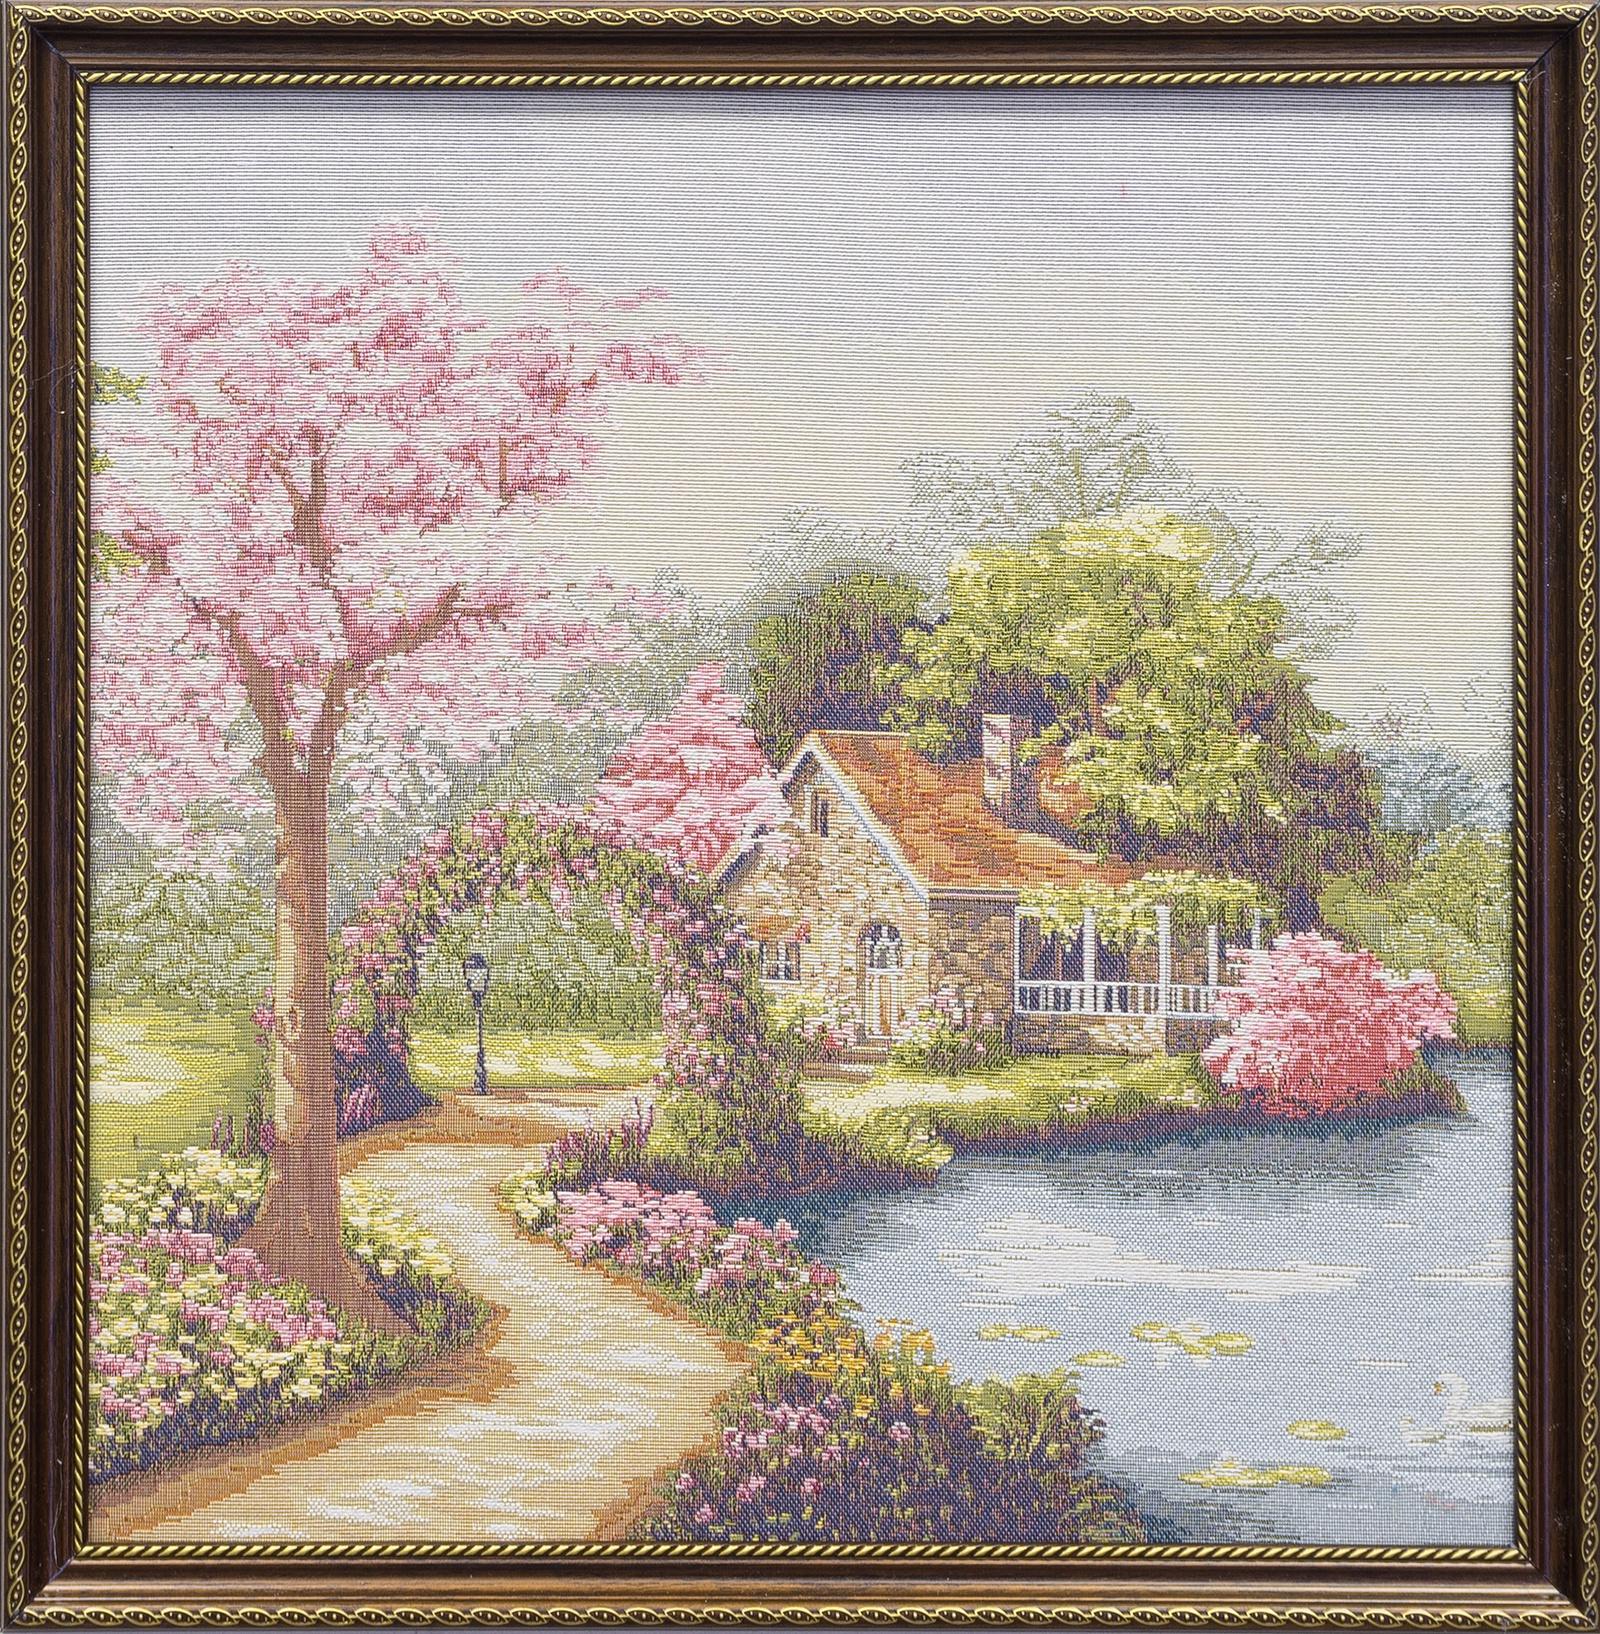 Фото - Гобелен картина интерьерная Магазин гобеленов Розовые грезы 48 на 48 см гобелен картина интерьерная магазин гобеленов букет роз бордюр 65 на 85 см